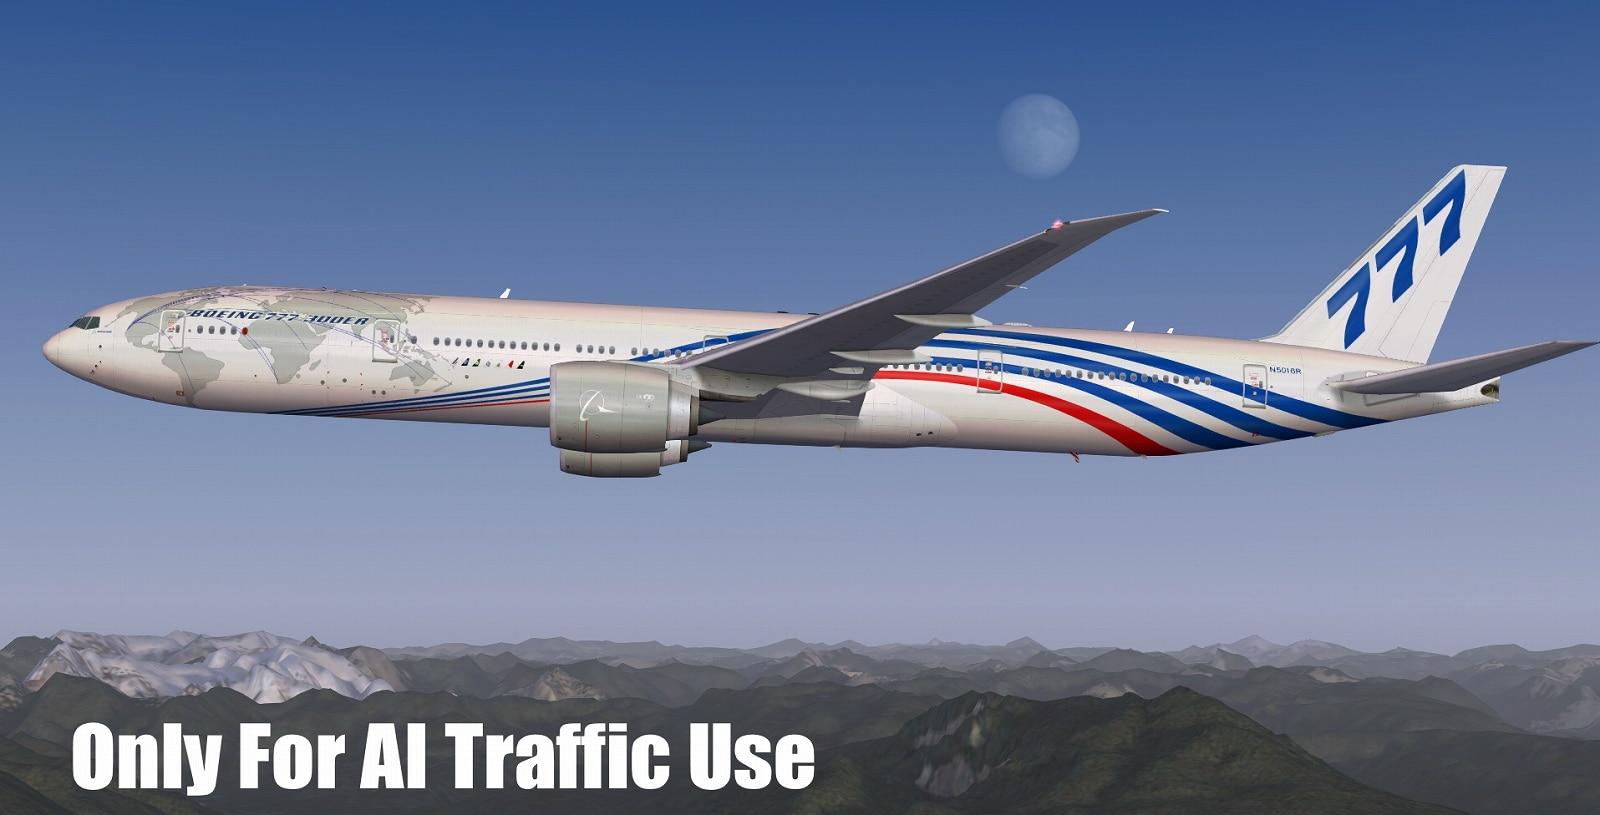 FSPXAI – Boeing 777 FSX/P3D AI-Traffic